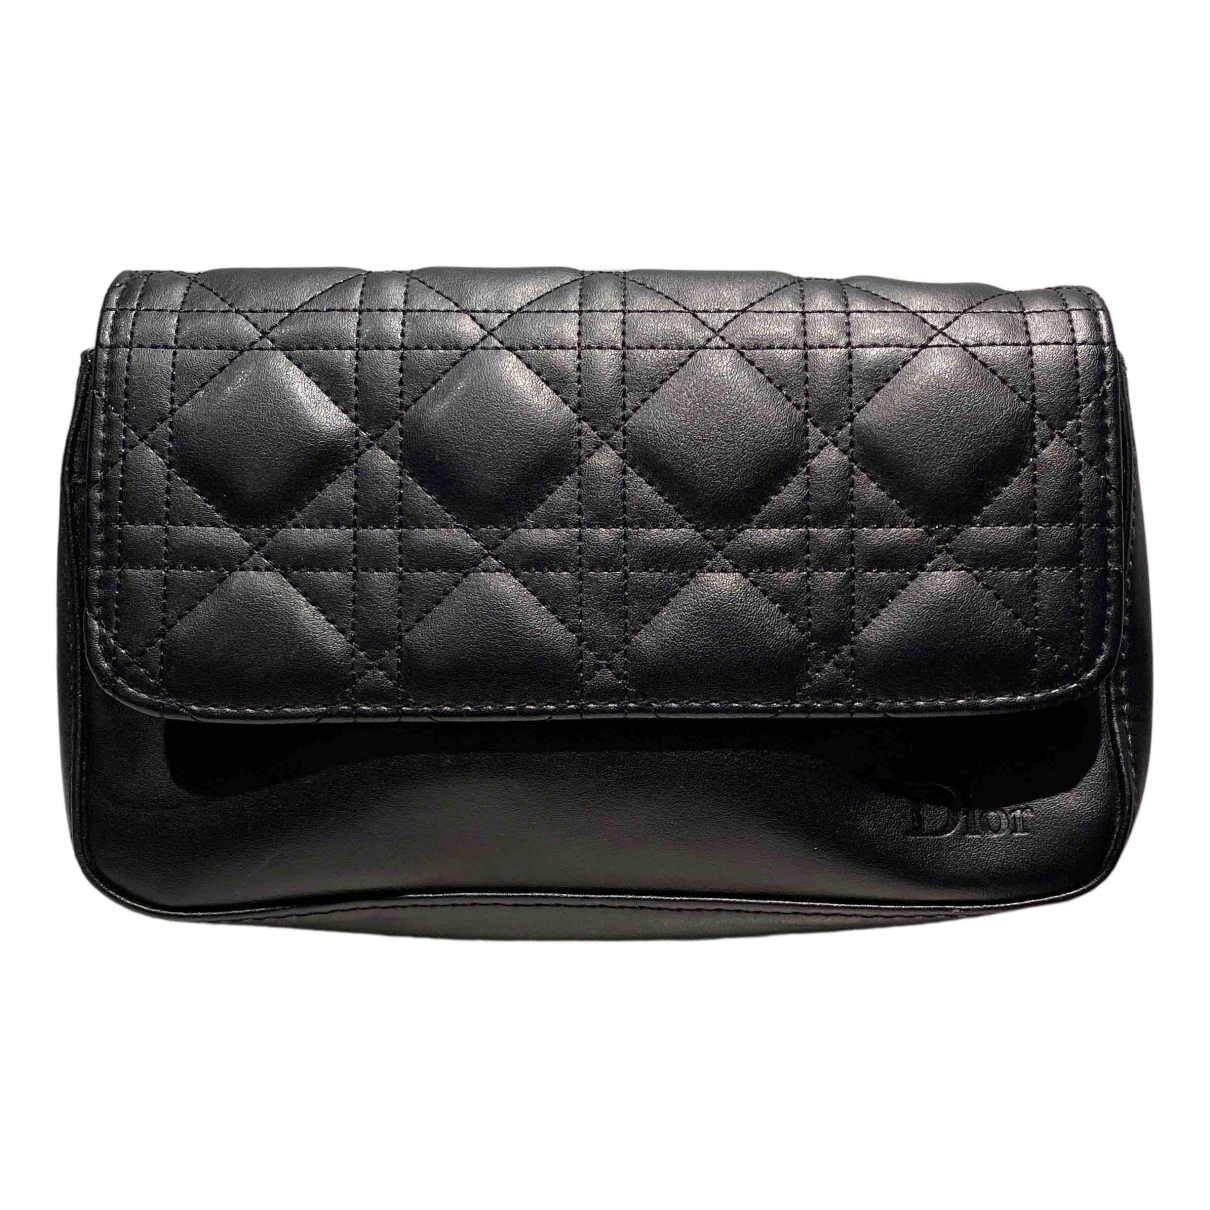 Bolsos clutch en Sintetico Negro Dior